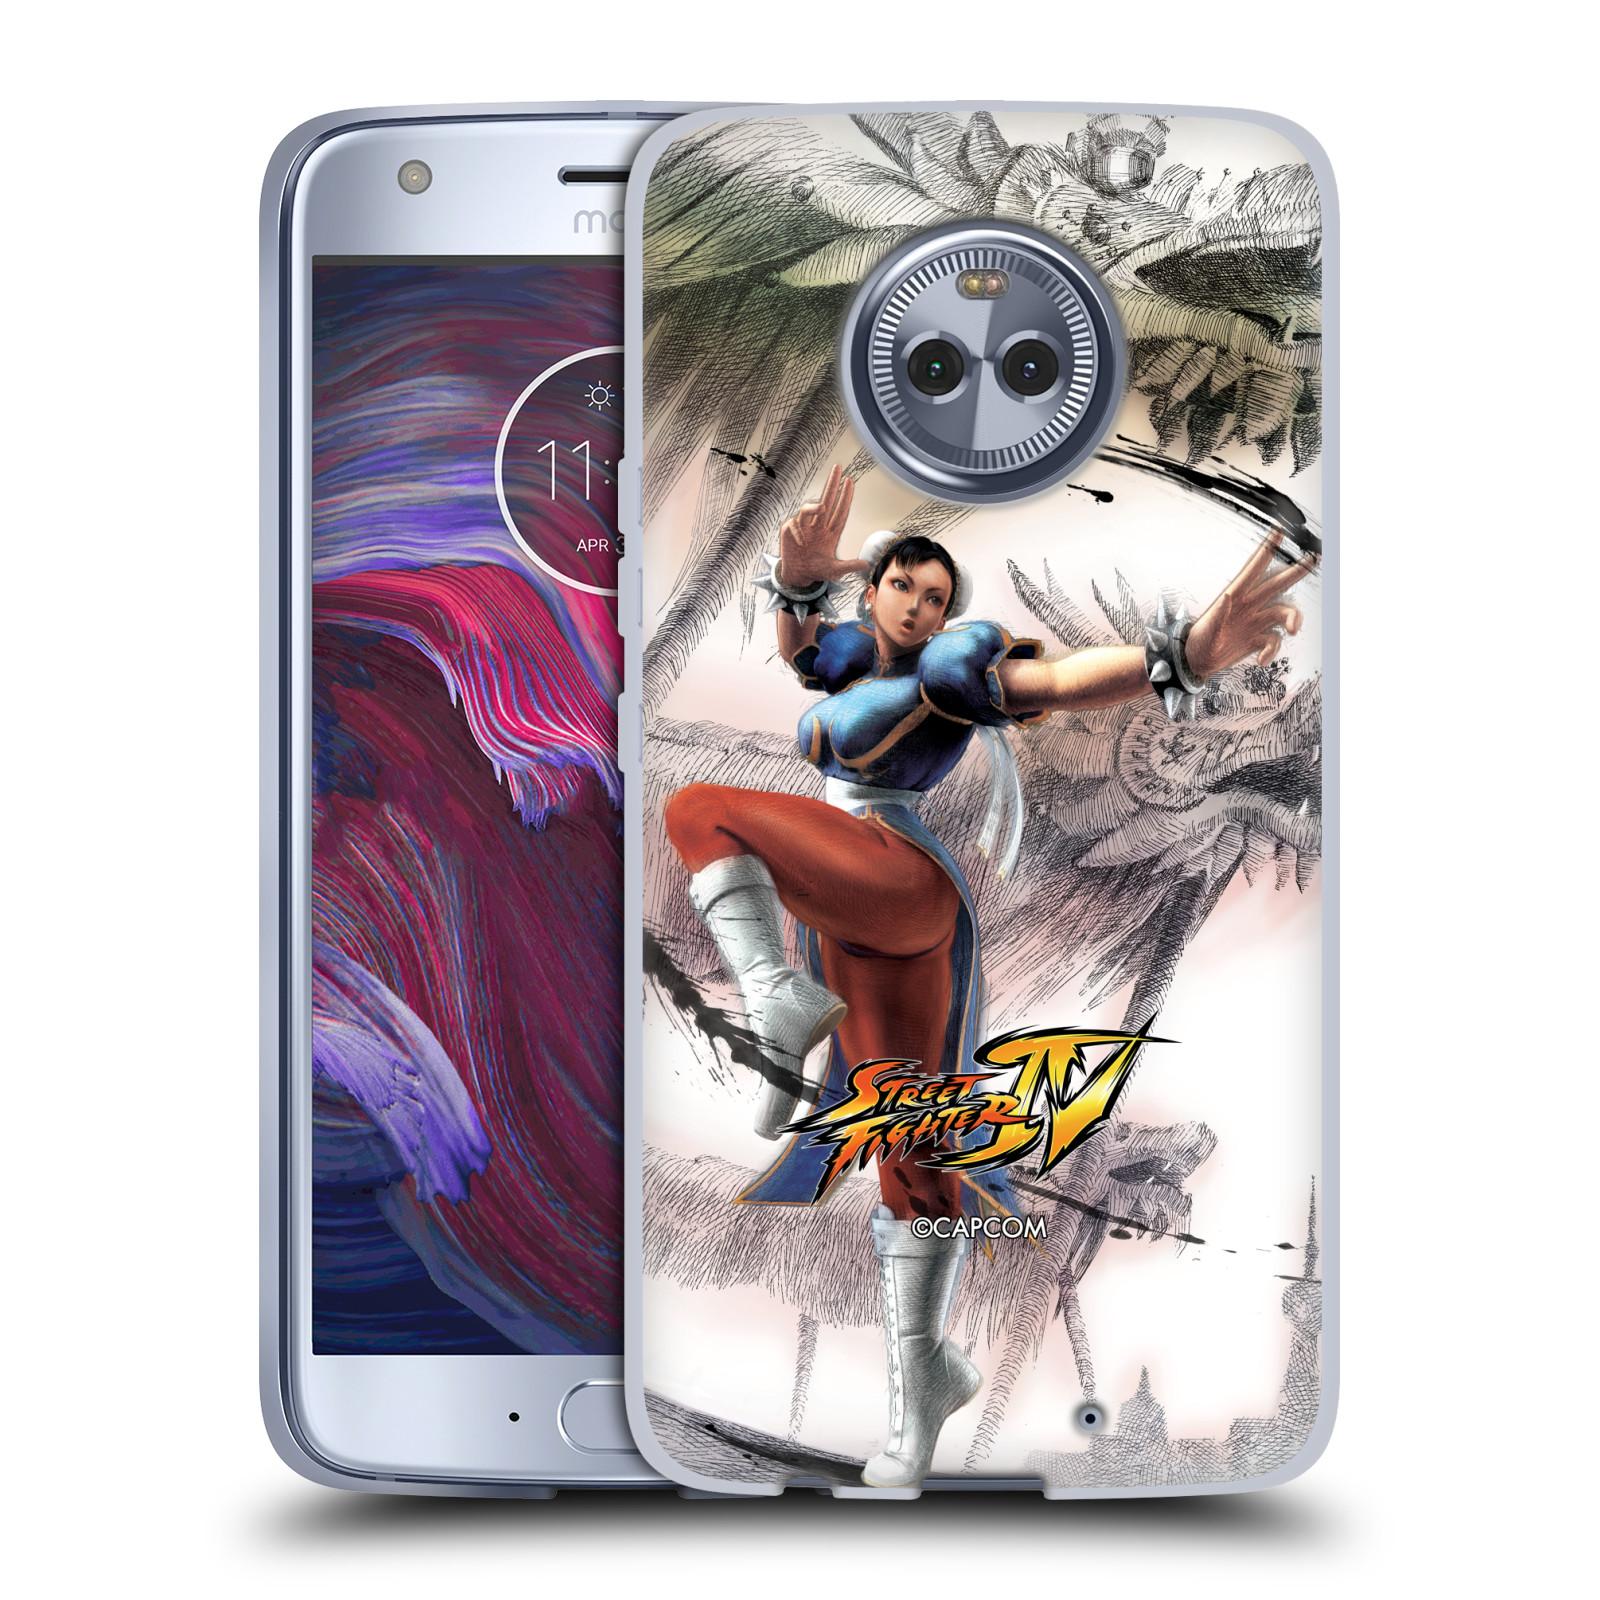 HEAD CASE silikonový obal na mobil Motorola Moto X4 oficiální kryt STREET FIGHTER bojovnice Chun-Li kresba